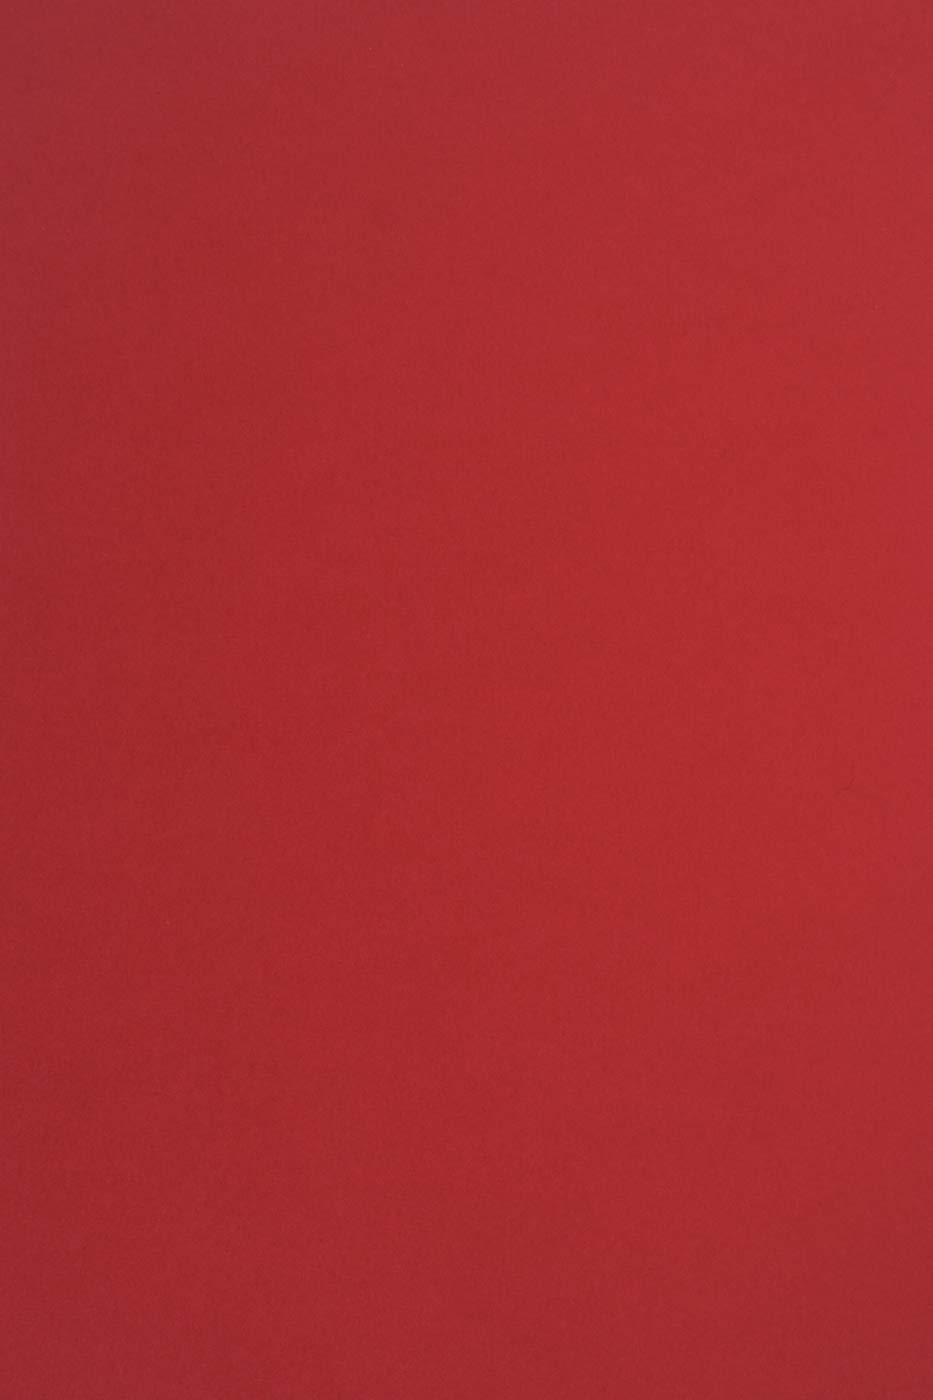 Einladungen Visitenkarten ideal f/ür Hochzeit 25 Blatt Violett Tonkarton DIN A4 210x297 mm Sirio Color Vino 210g Basteln und Dekorieren Diplome Geburtstag Scrapbooking Weihnachten